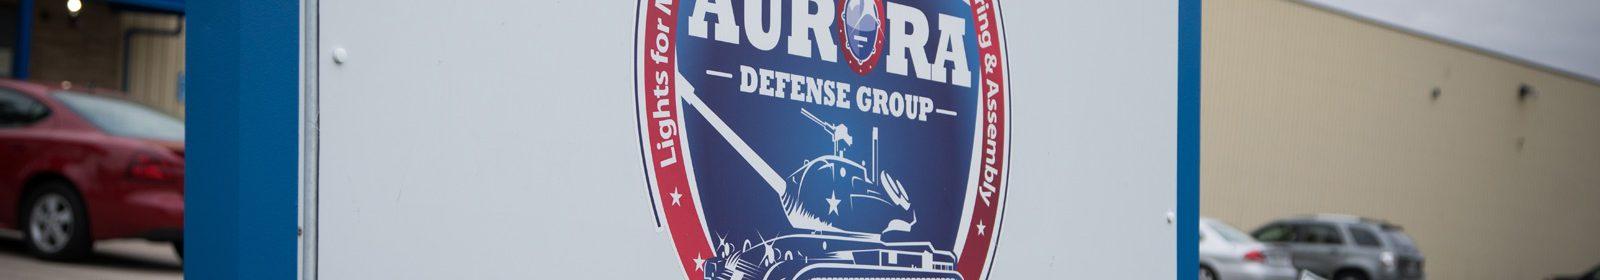 aurora-defense-sign